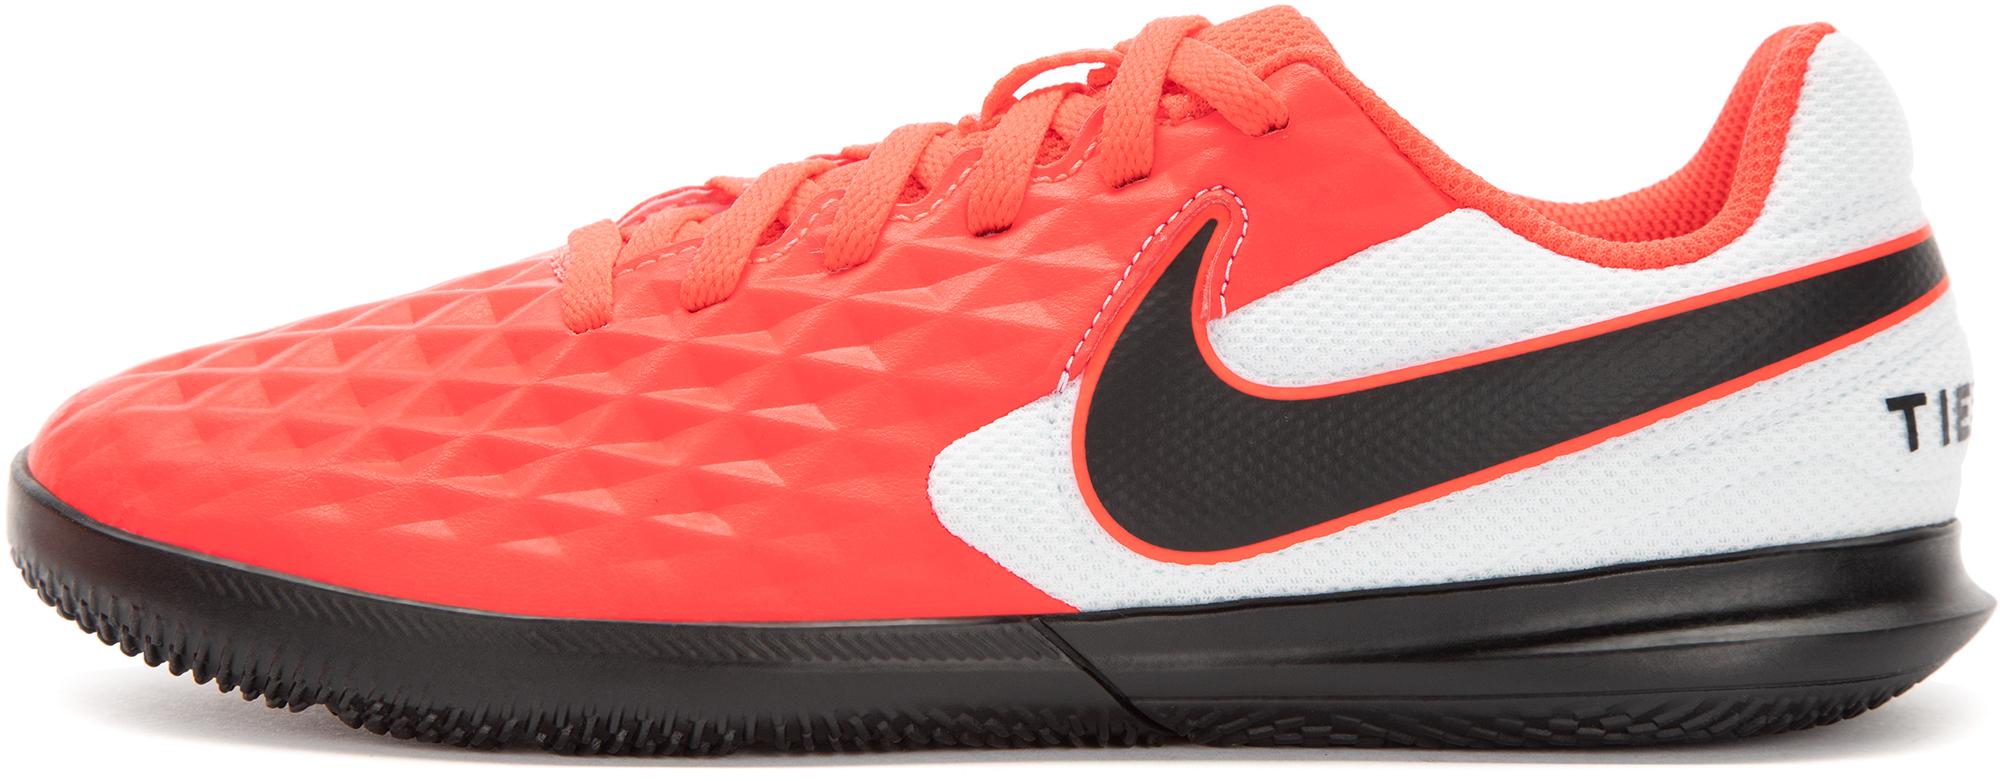 Nike Бутсы для мальчиков Nike Legend 8 Club IC, размер 36.5 бутсы мужские nike legend 8 club ic размер 41